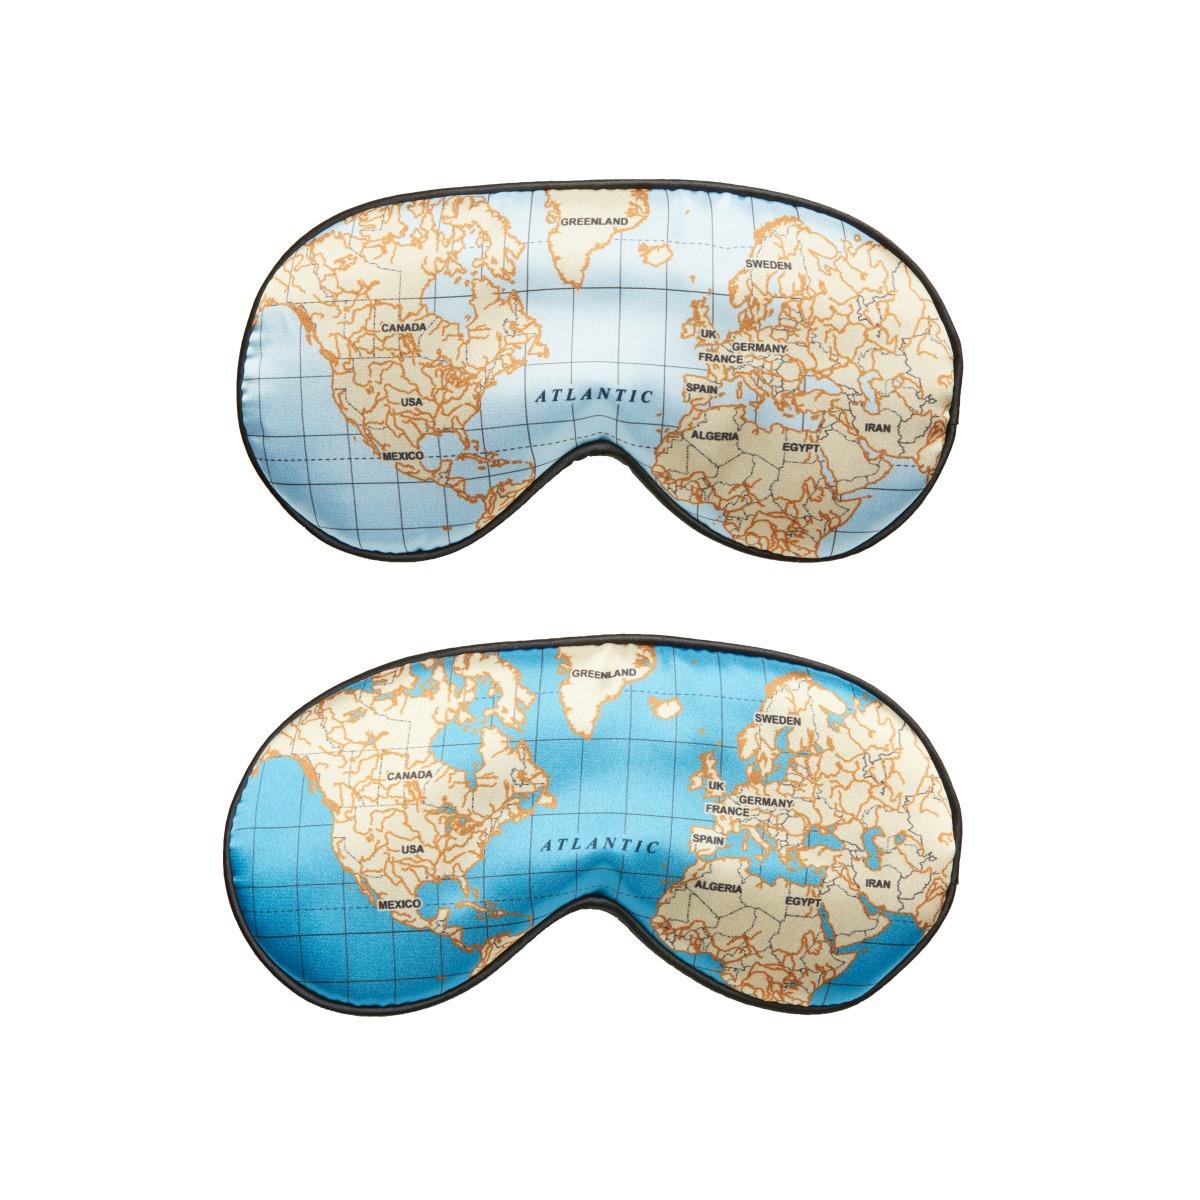 Masca pentru somn - Globul pamanetsc imagine